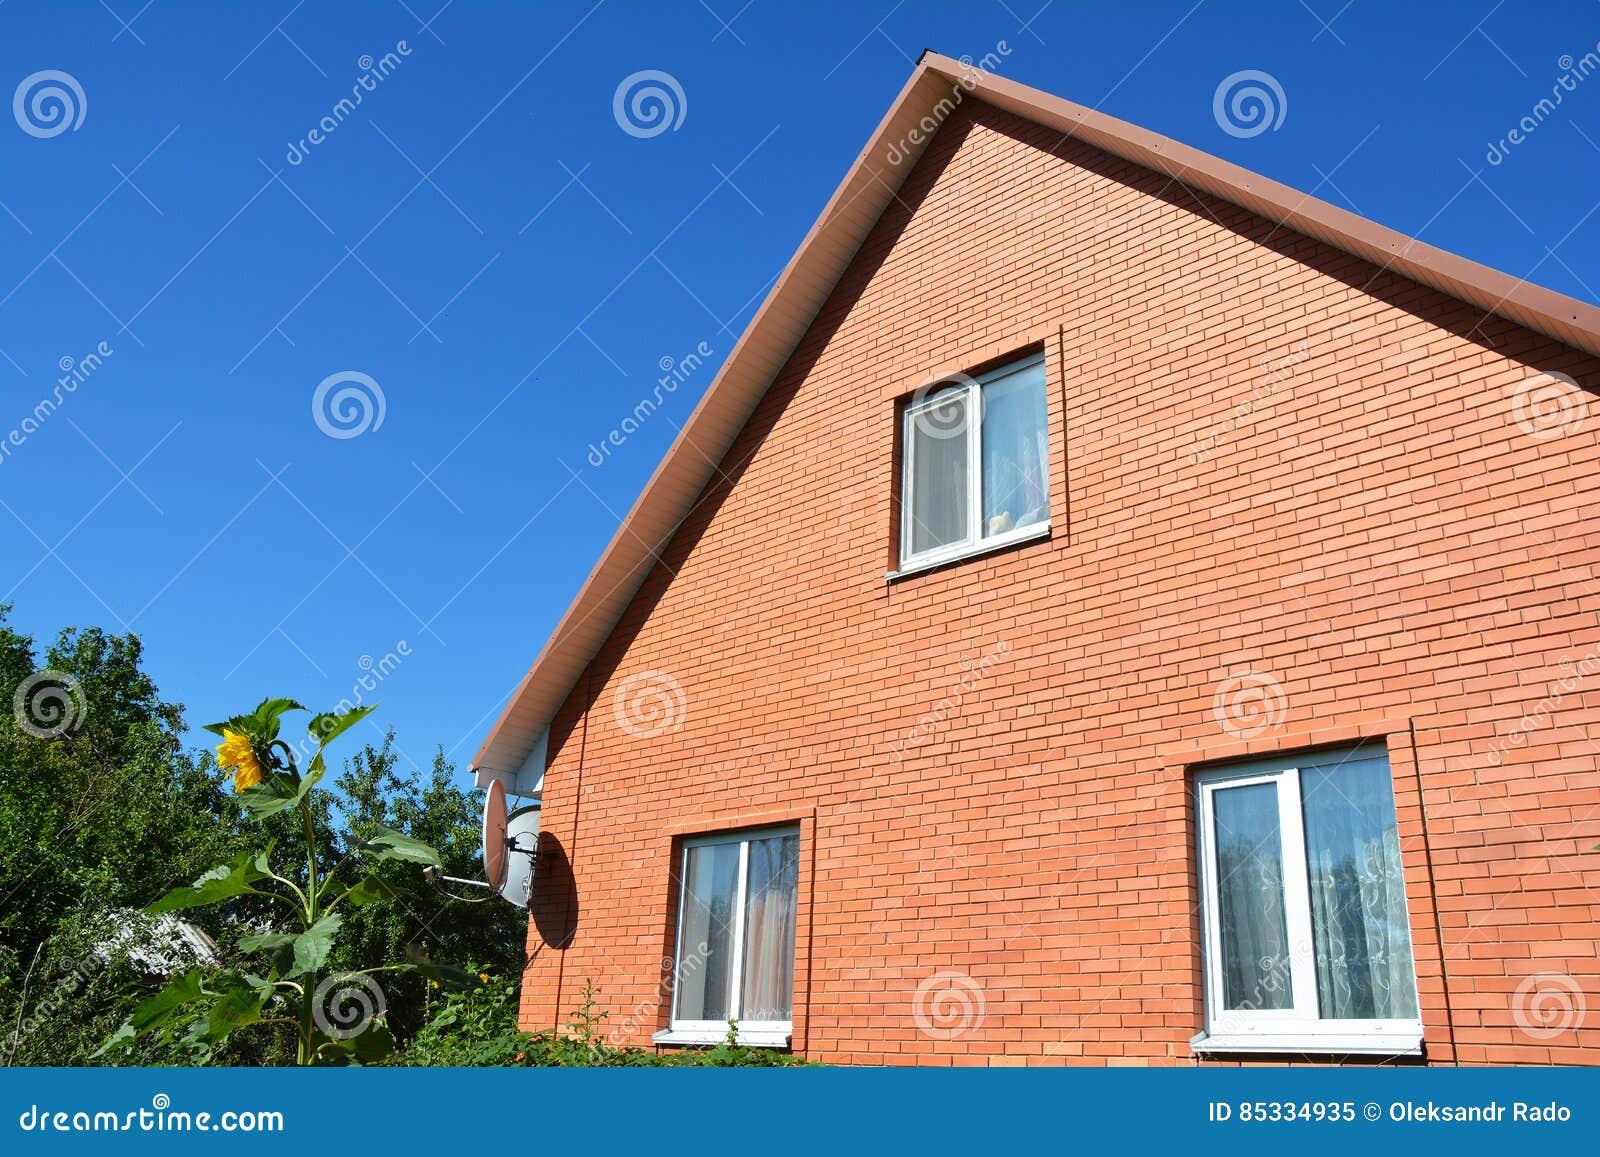 Muri con mattoni a vista pareti con mattoni with muri con for Costi di costruzione casa di mattoni